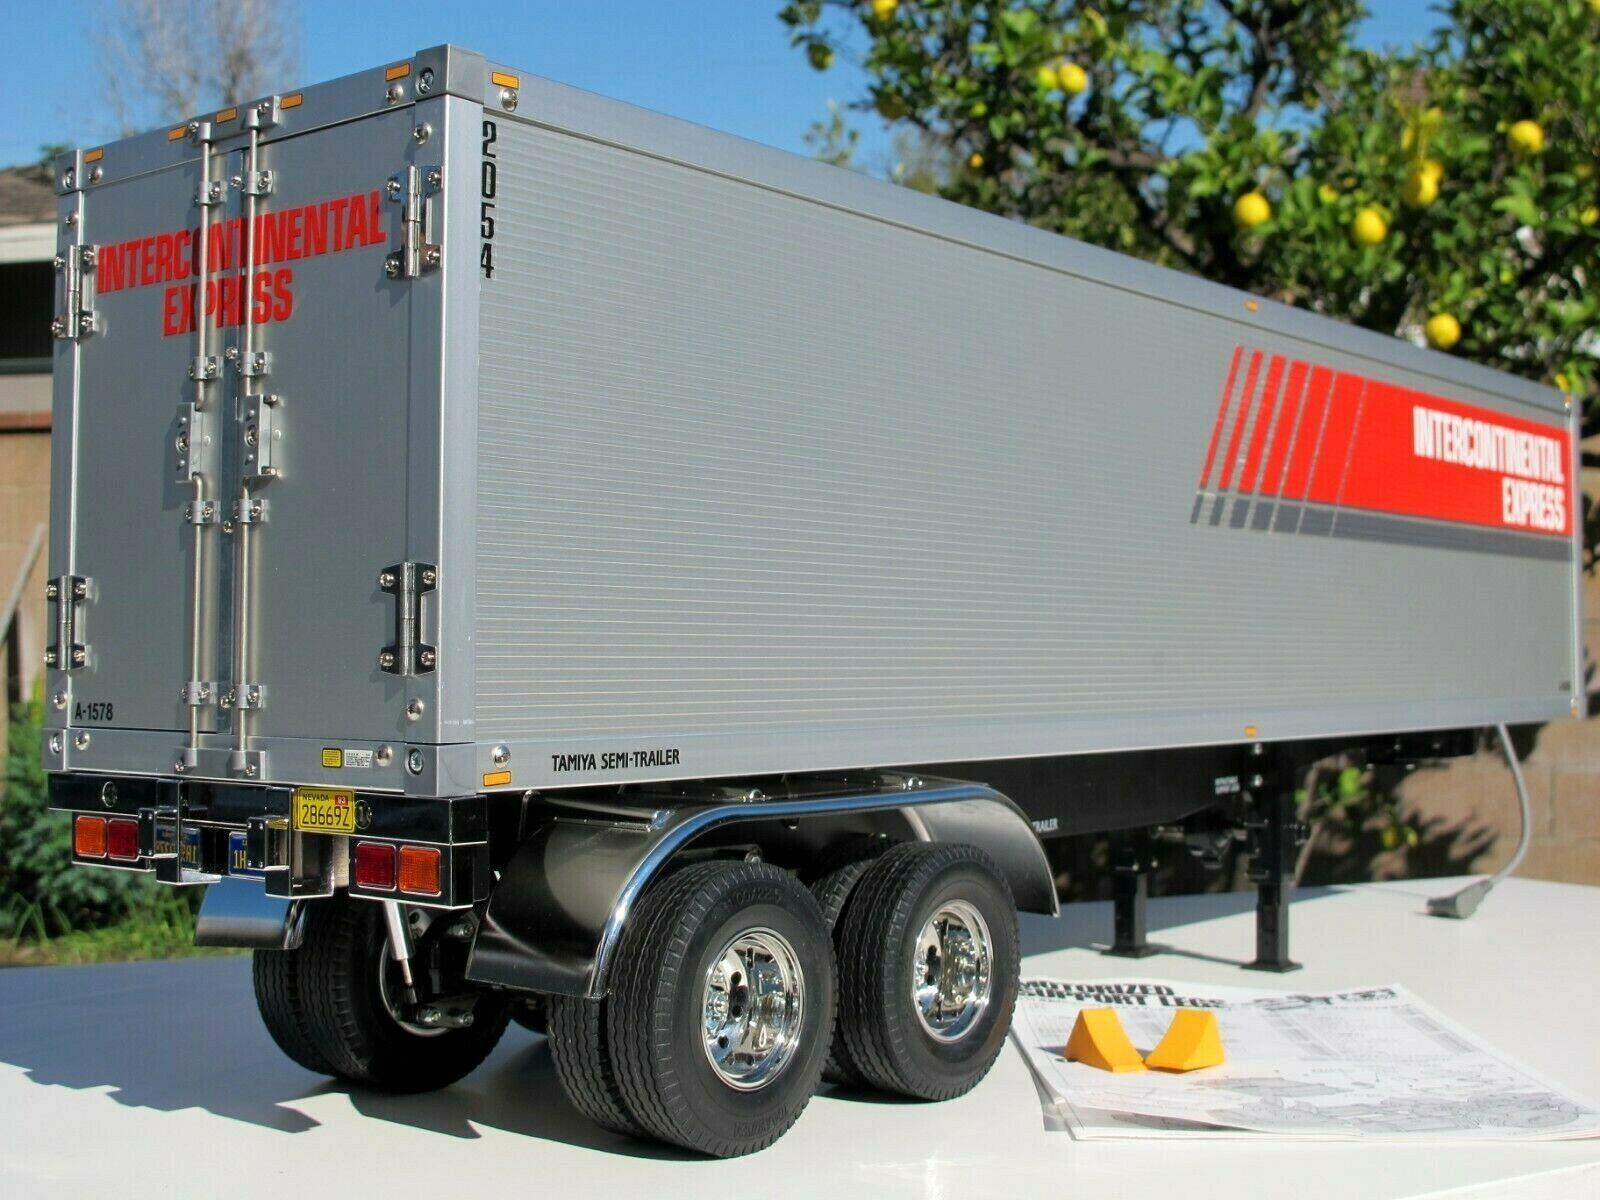 fino al 50% di sconto Tamiya R C 1 14 Semi Trailer Trailer Trailer Tractor Container +Motorize Support Leg + Light Kit  autorizzazione